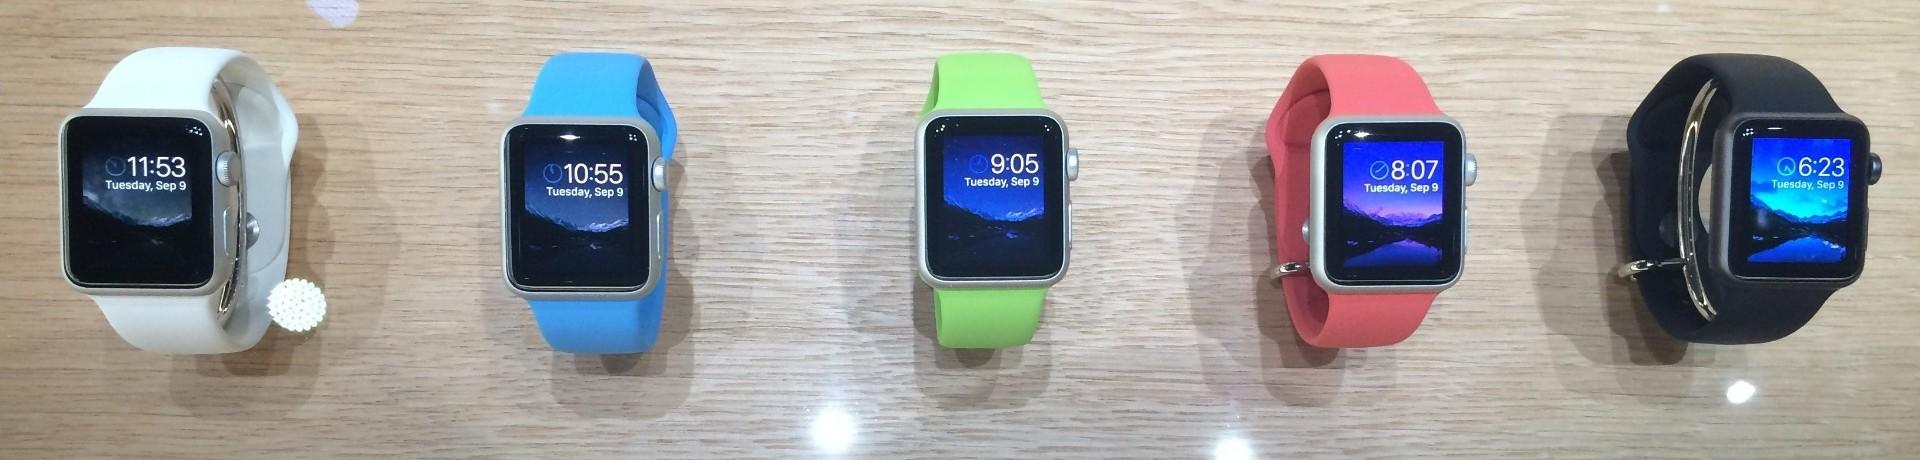 """La gamme """"Sport"""" de l'Apple Watch, commercialisée début 2015."""